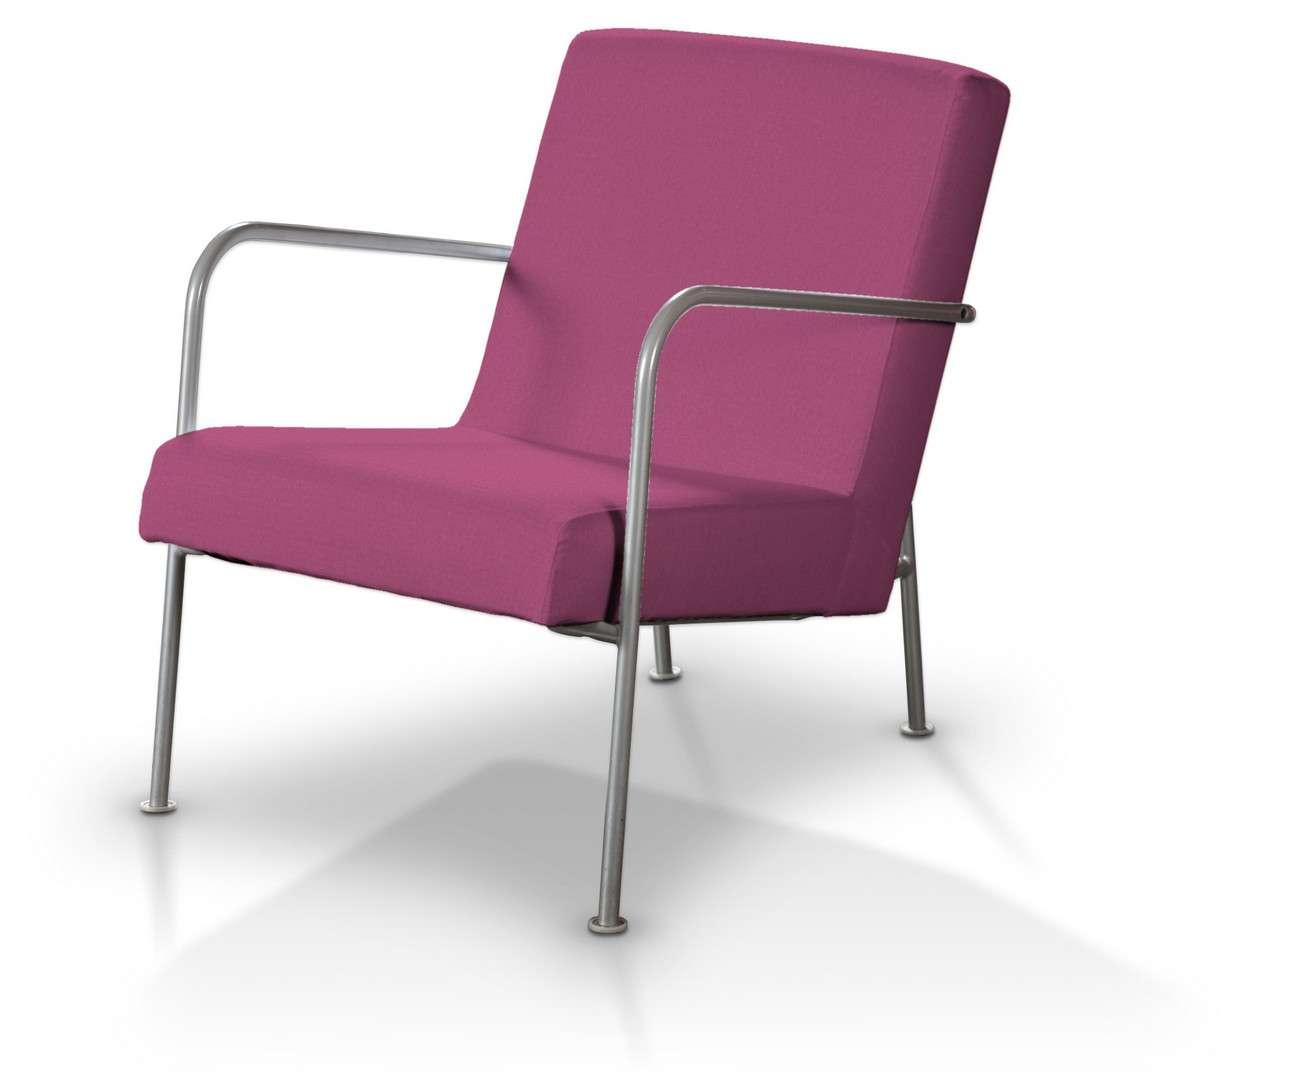 Huzat Ikea PS fotelhez a kollekcióból Living 2, Dekoranyag: 161-29